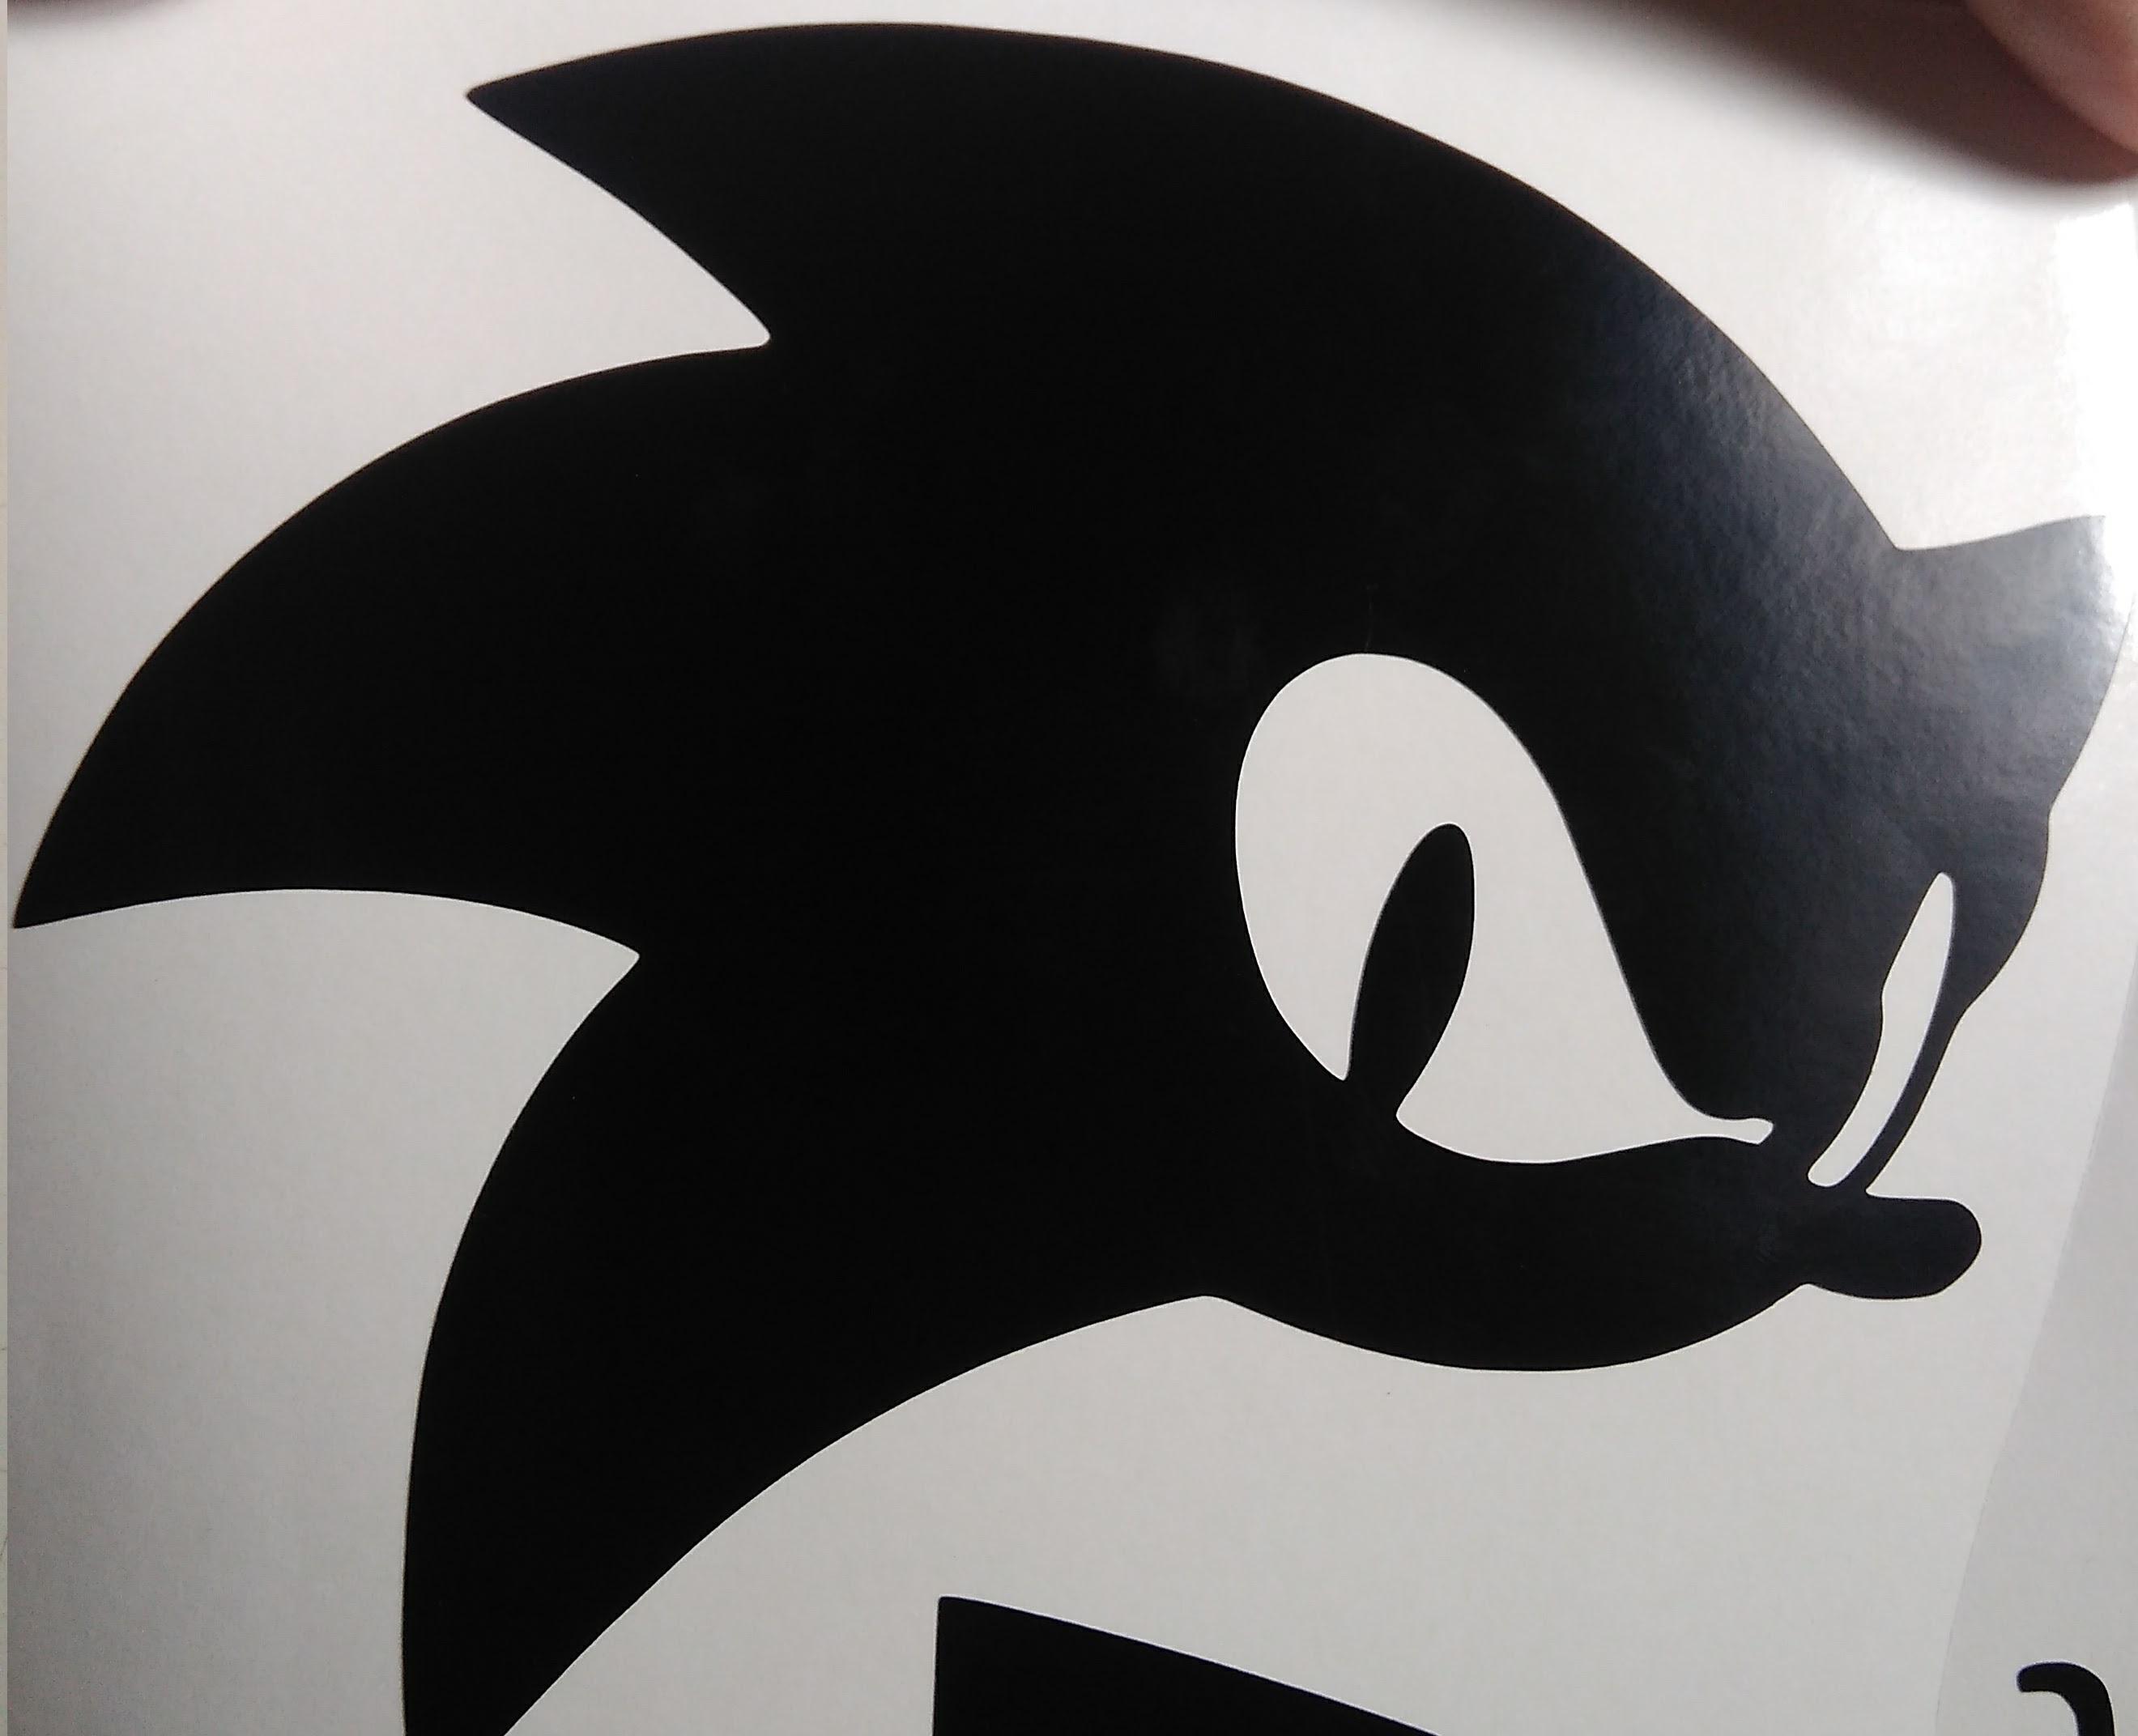 Sonic Peel /& Stick Adesivo Cena-metabolizadores Frete Grátis